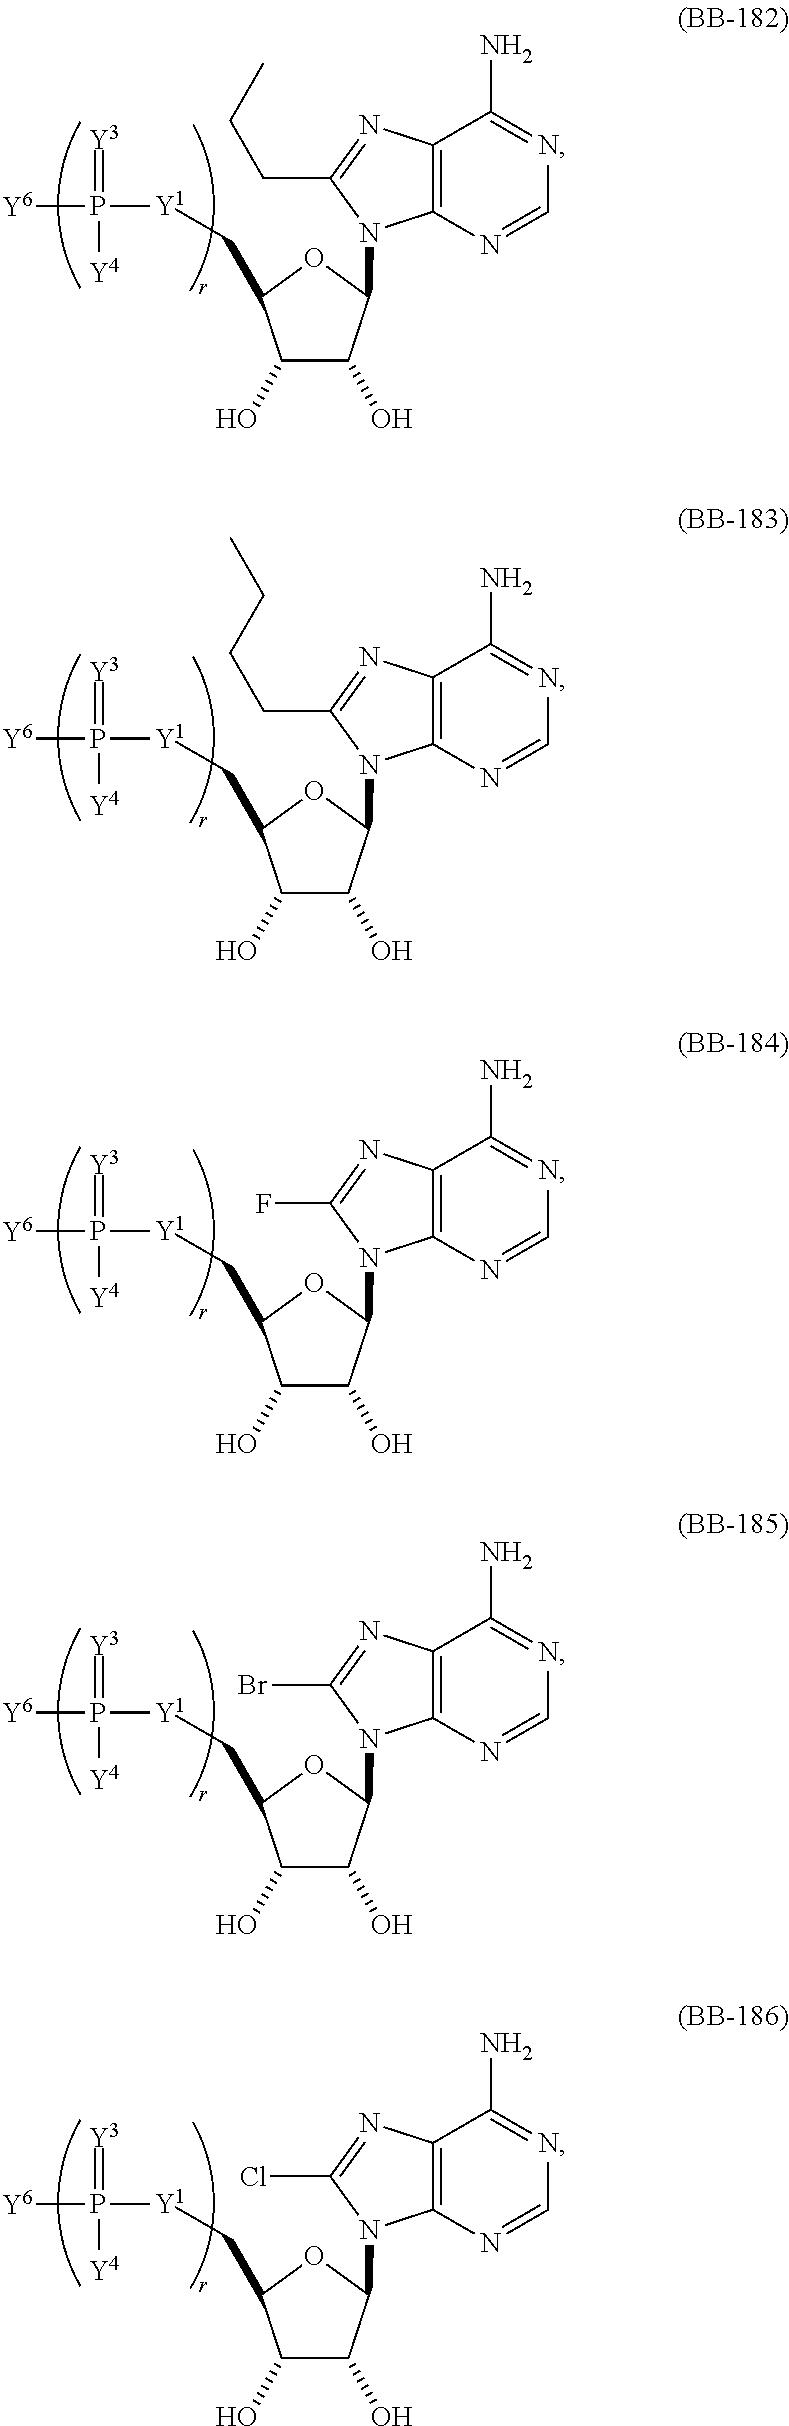 Figure US20150086614A1-20150326-C00069